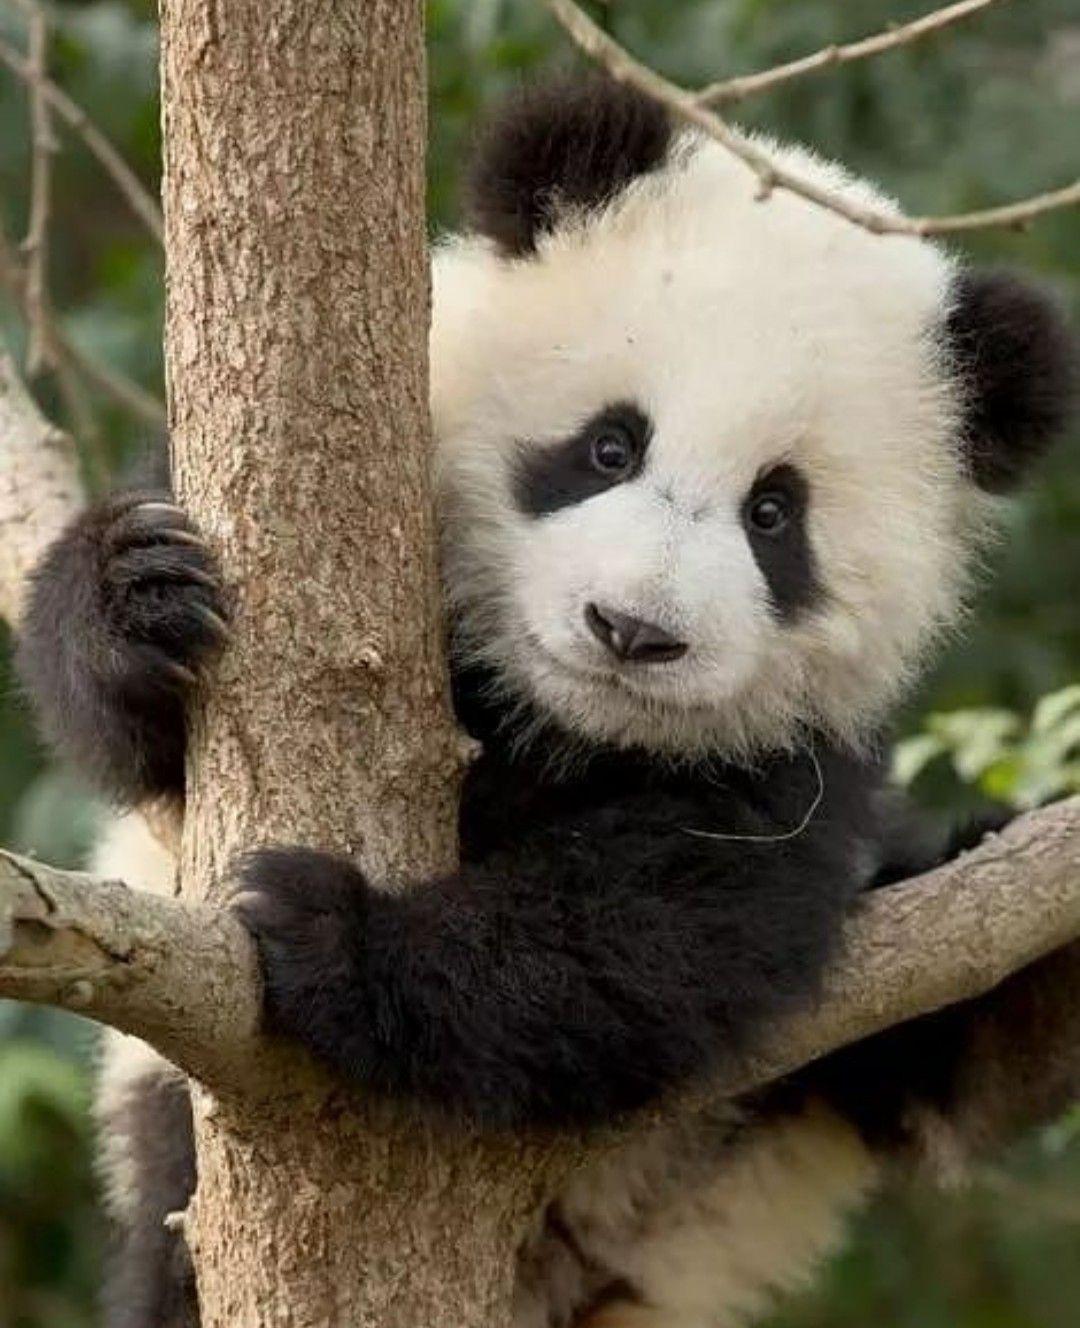 Pin De Cute Animals Fluffy Animals Em Meu Fofineo Ursos Panda Bebe Urso Panda Animais Bebes